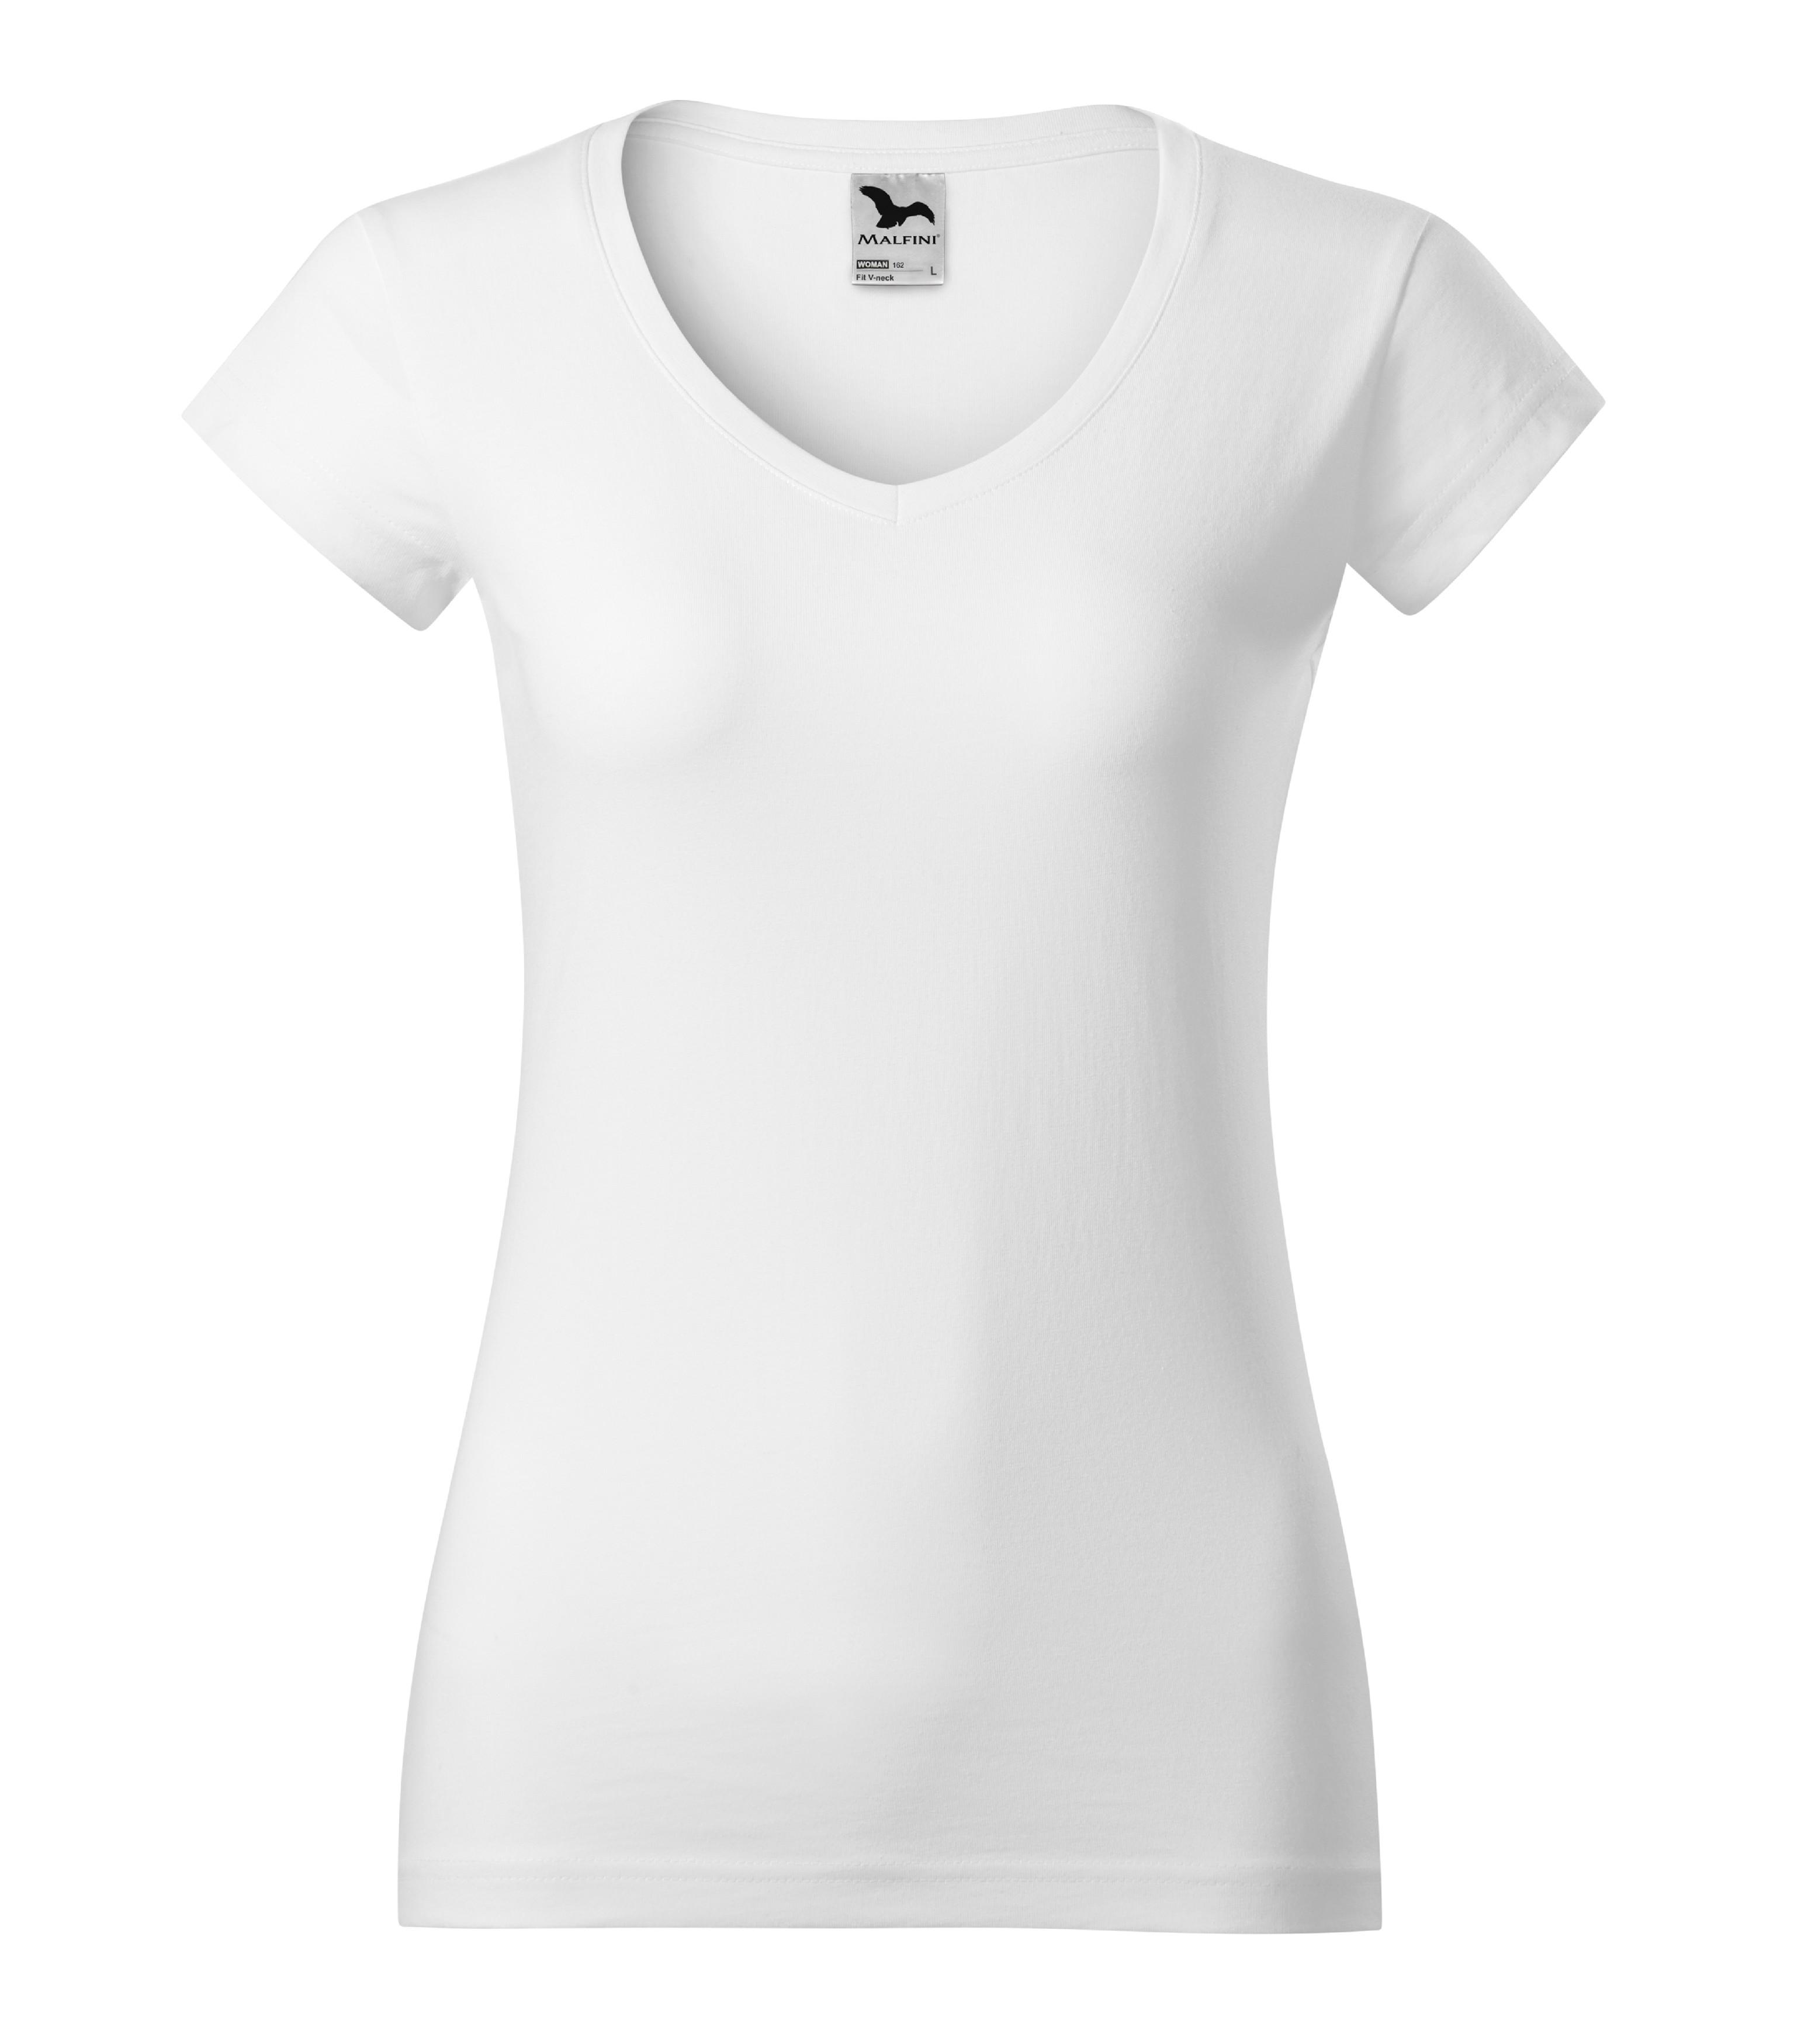 Tričko dámské Fit V-neck Barva: Bílá, Velikost: XL